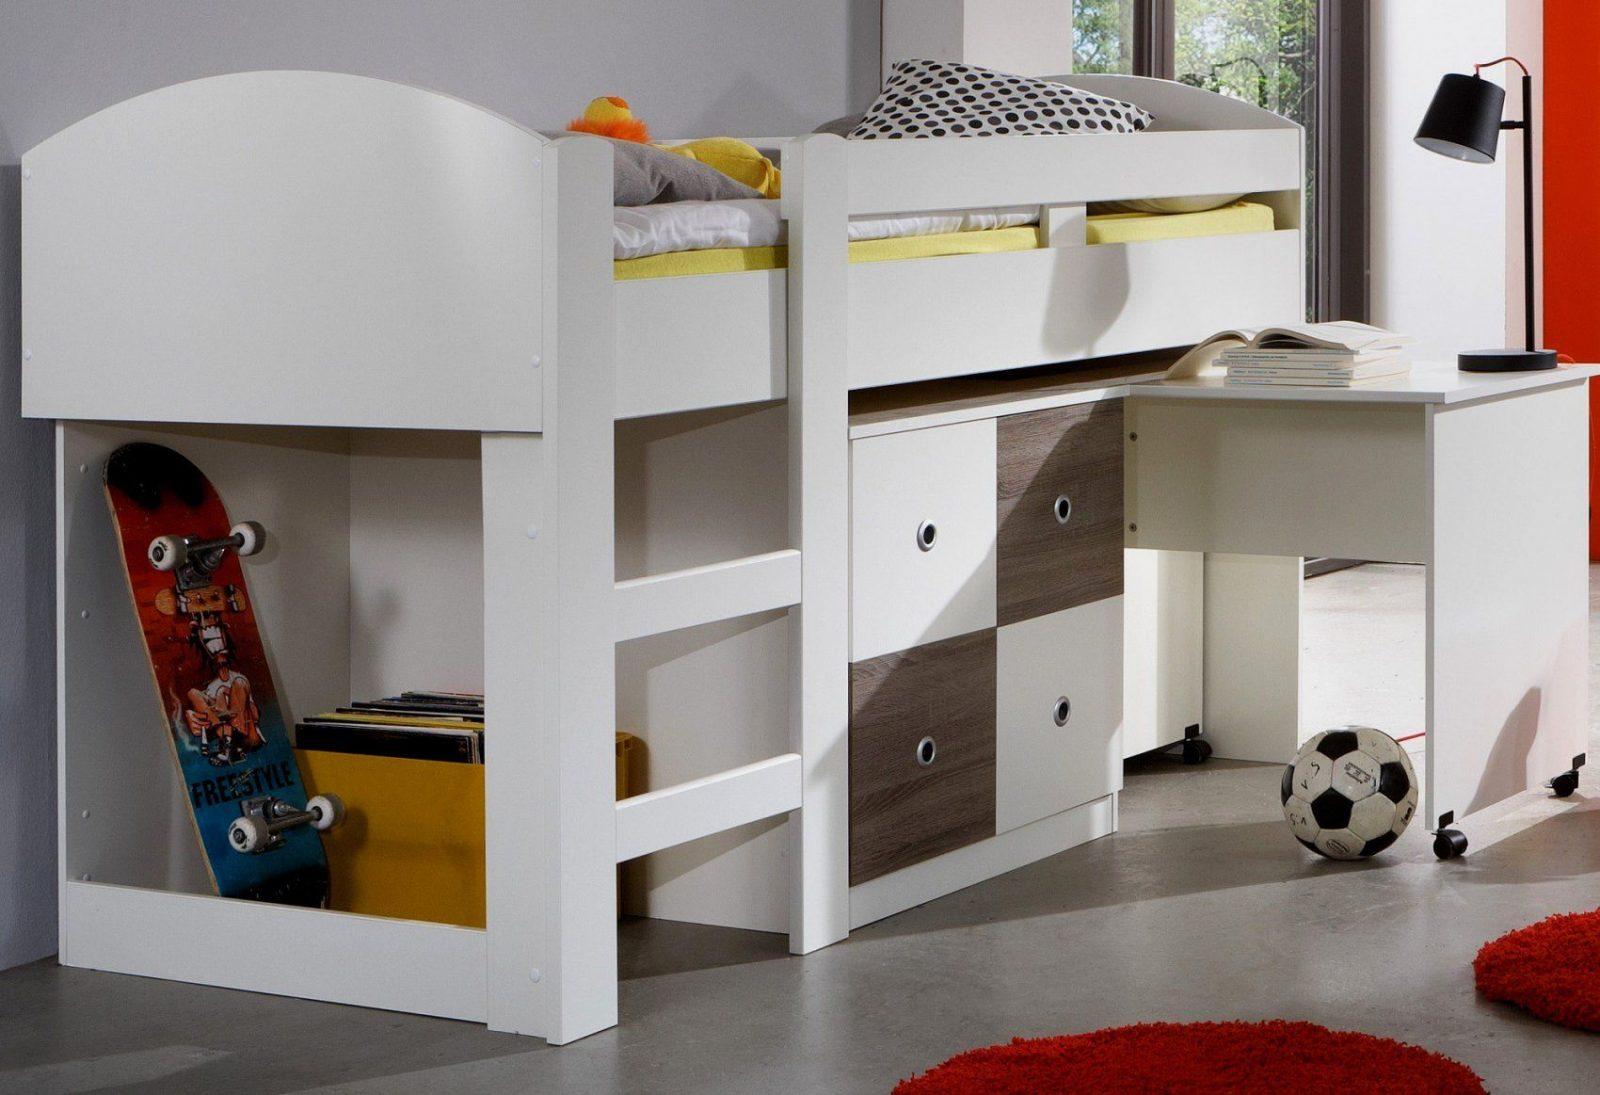 Ziemlich Kinderbett Mit Schreibtisch Oben Bett Zum Hochbett Schrank von Kinderbett Mit Schreibtisch Und Kleiderschrank Bild